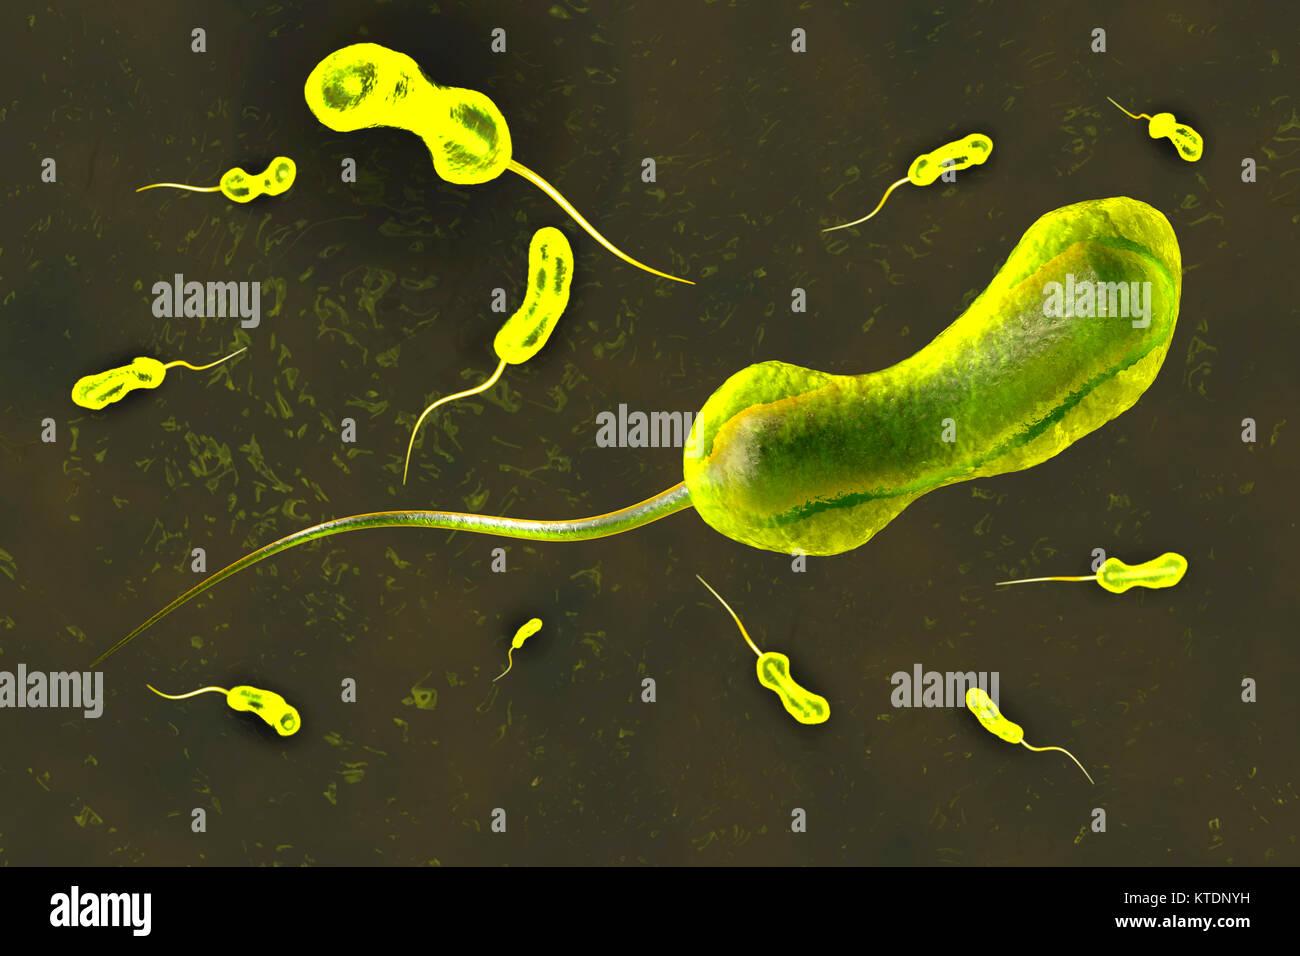 3D-Darstellung einer anatomisch korrekte Konvergenz zu einem Bakterium Vibrio cholerae, wodurch die berühmten Stockbild